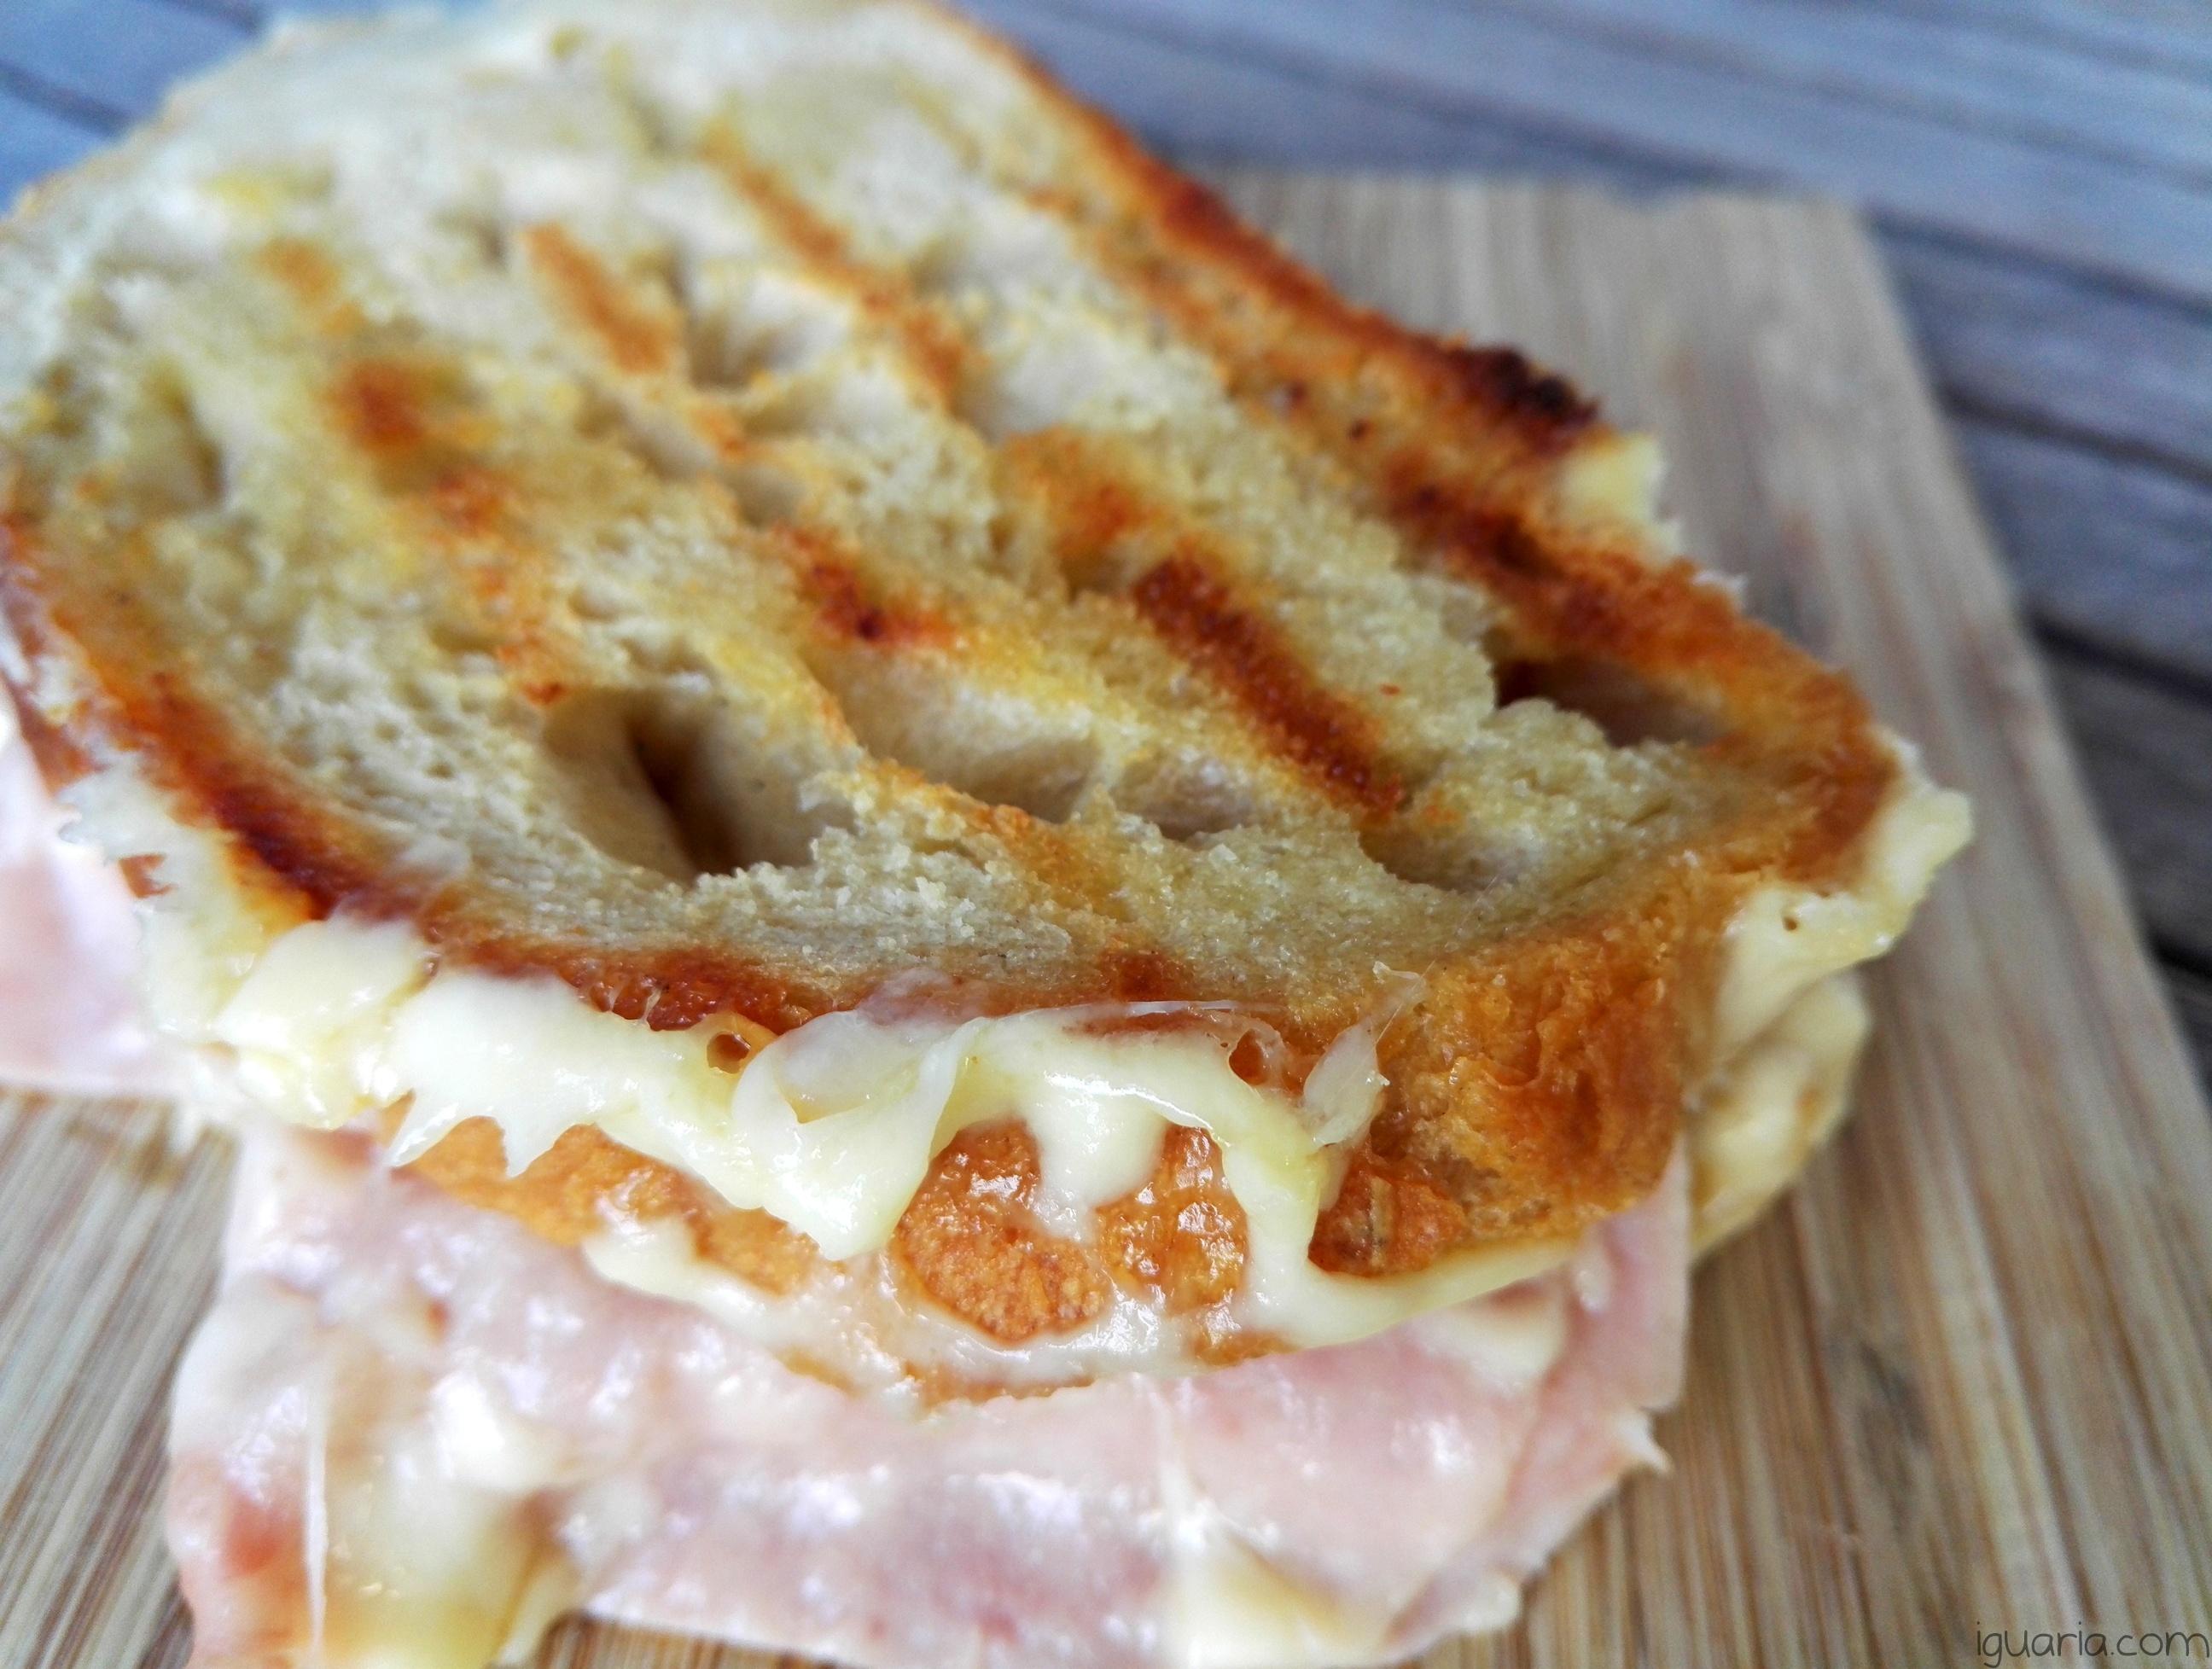 iguaria-tosta-mista-queijo-grelhado